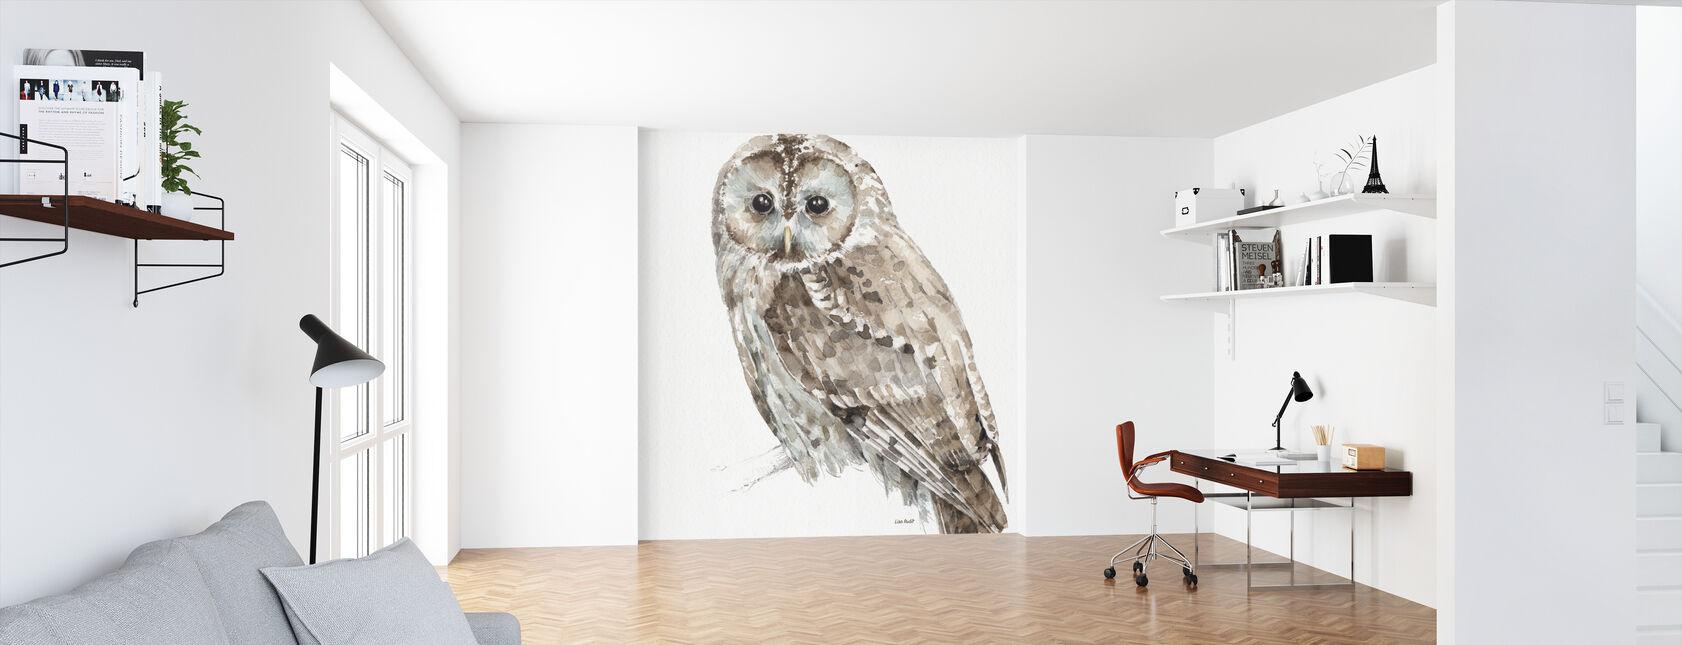 Forest Friends III - Wallpaper - Office